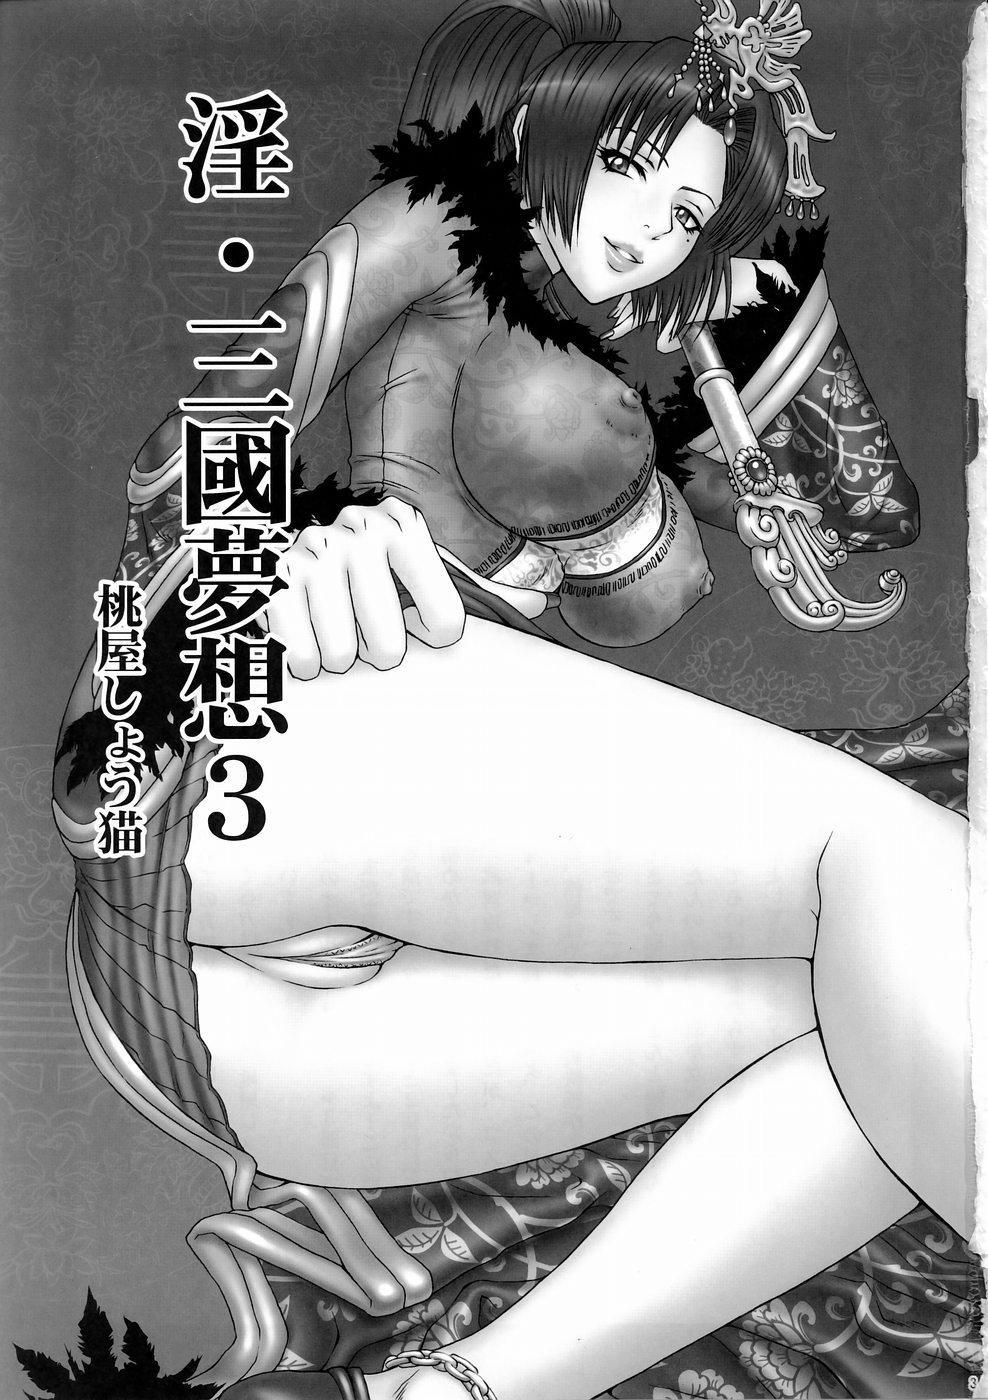 In Sangoku Musou 3 1